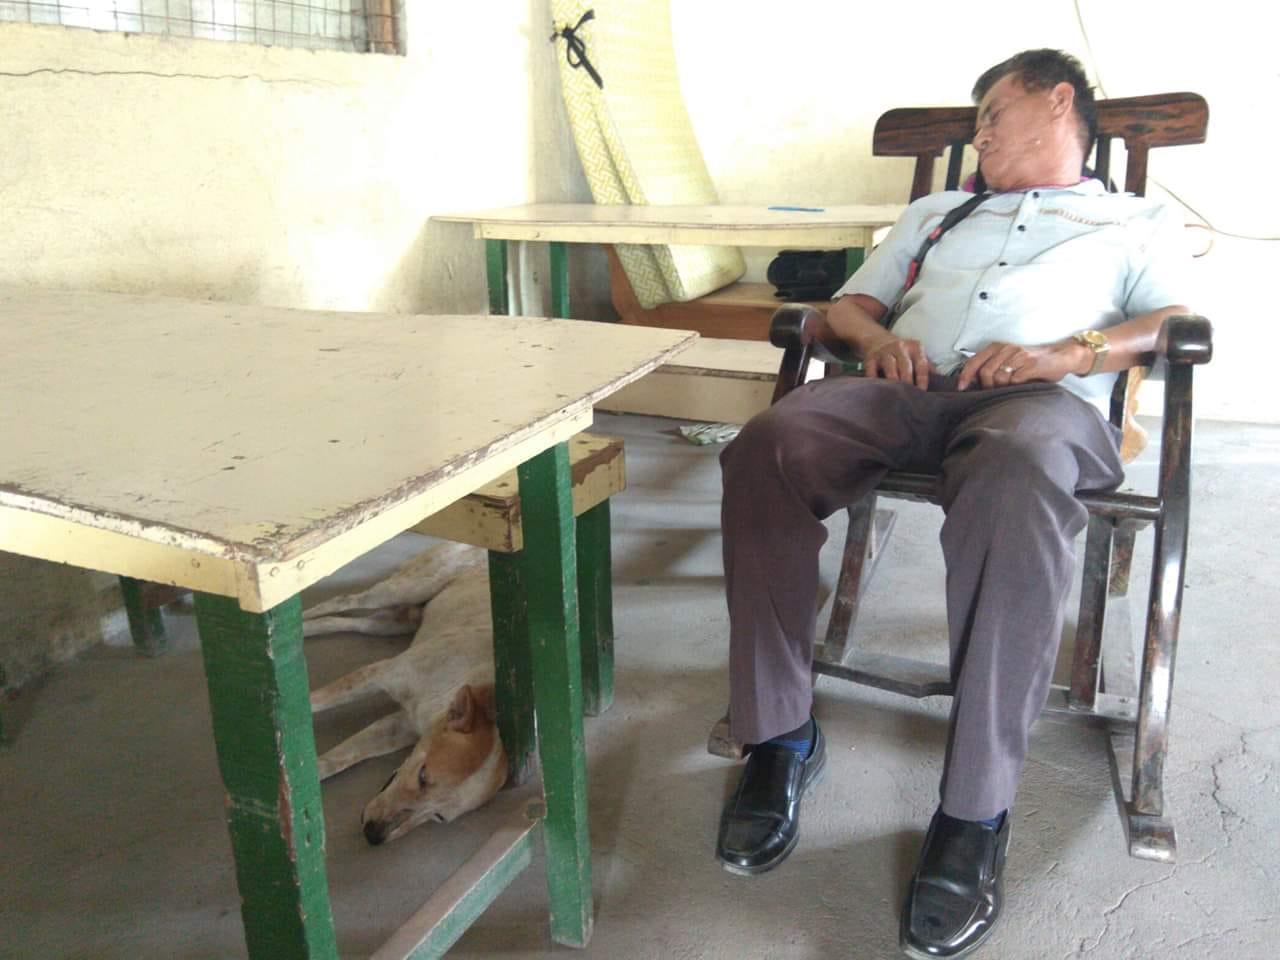 Buboy al lado del profesor